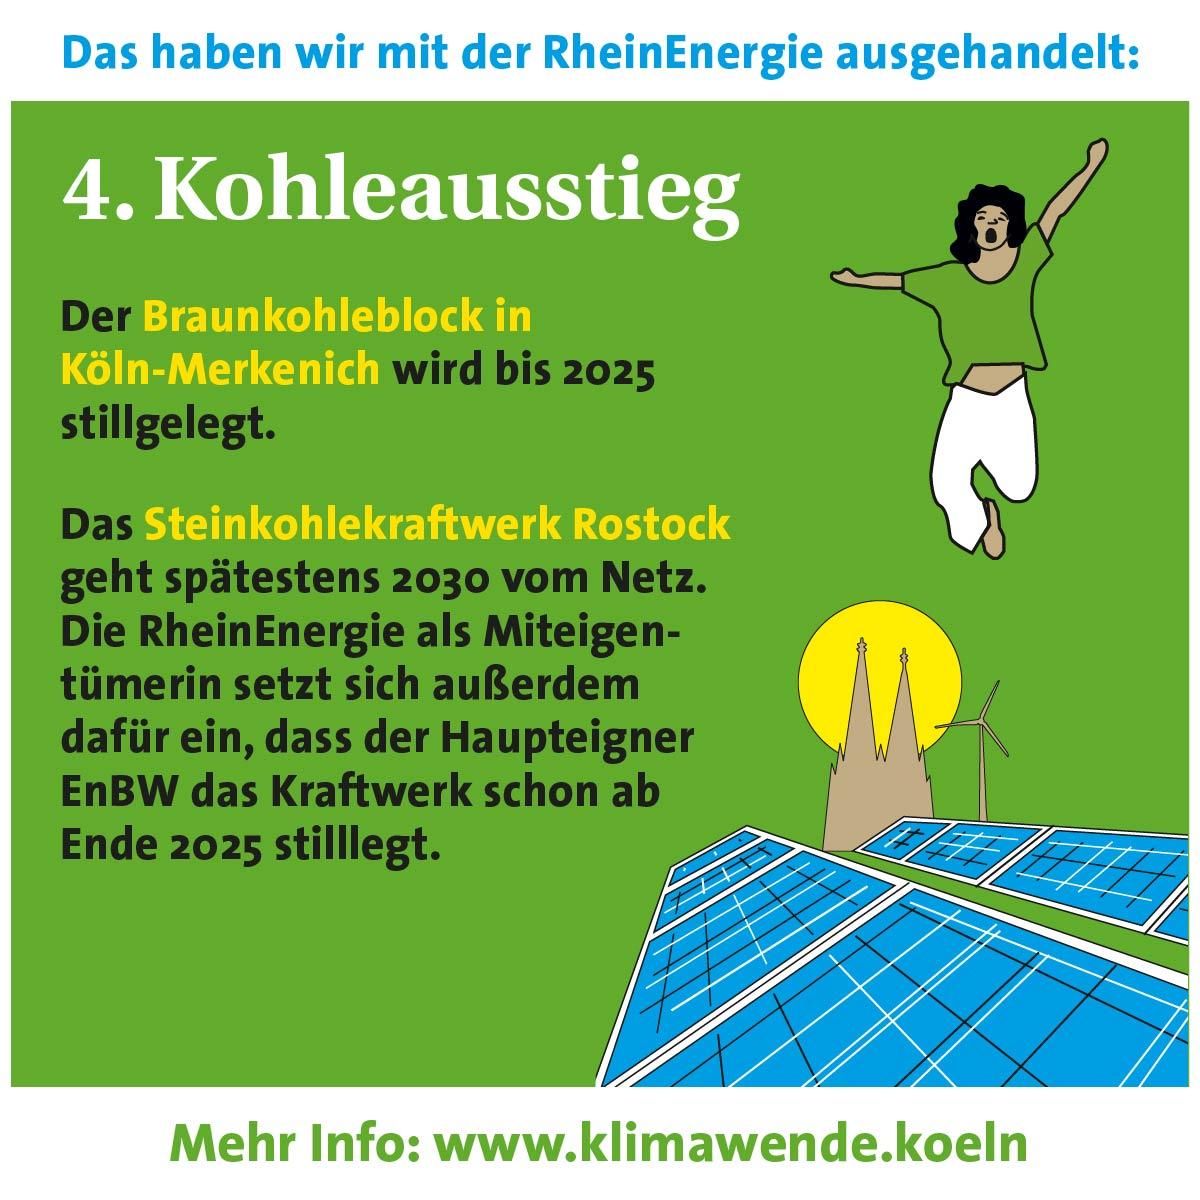 Kernpunkte: 4) Kohleausstieg